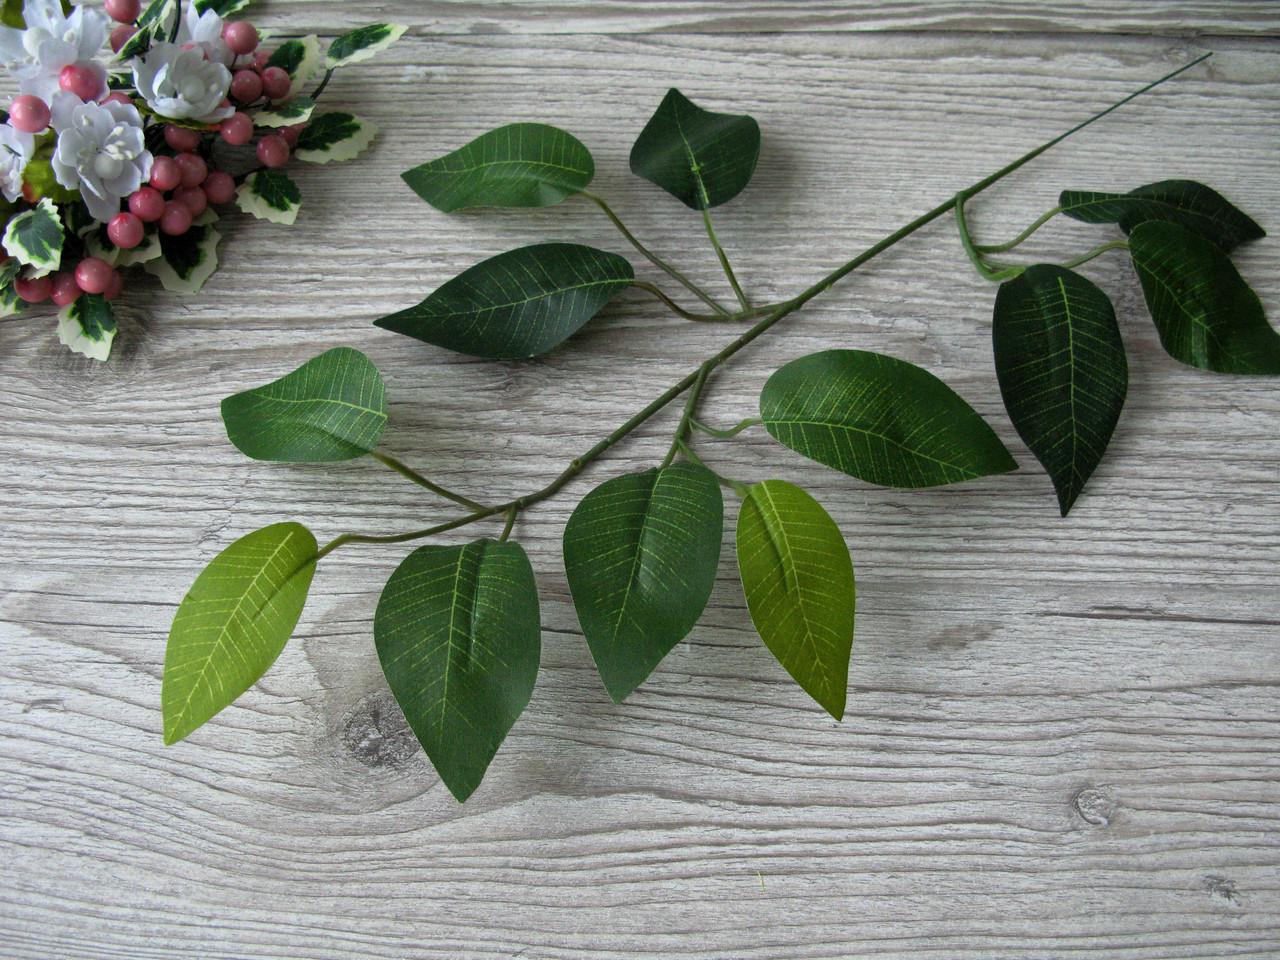 Ветка с листьями маленькая (12 листьев) - 10 грн